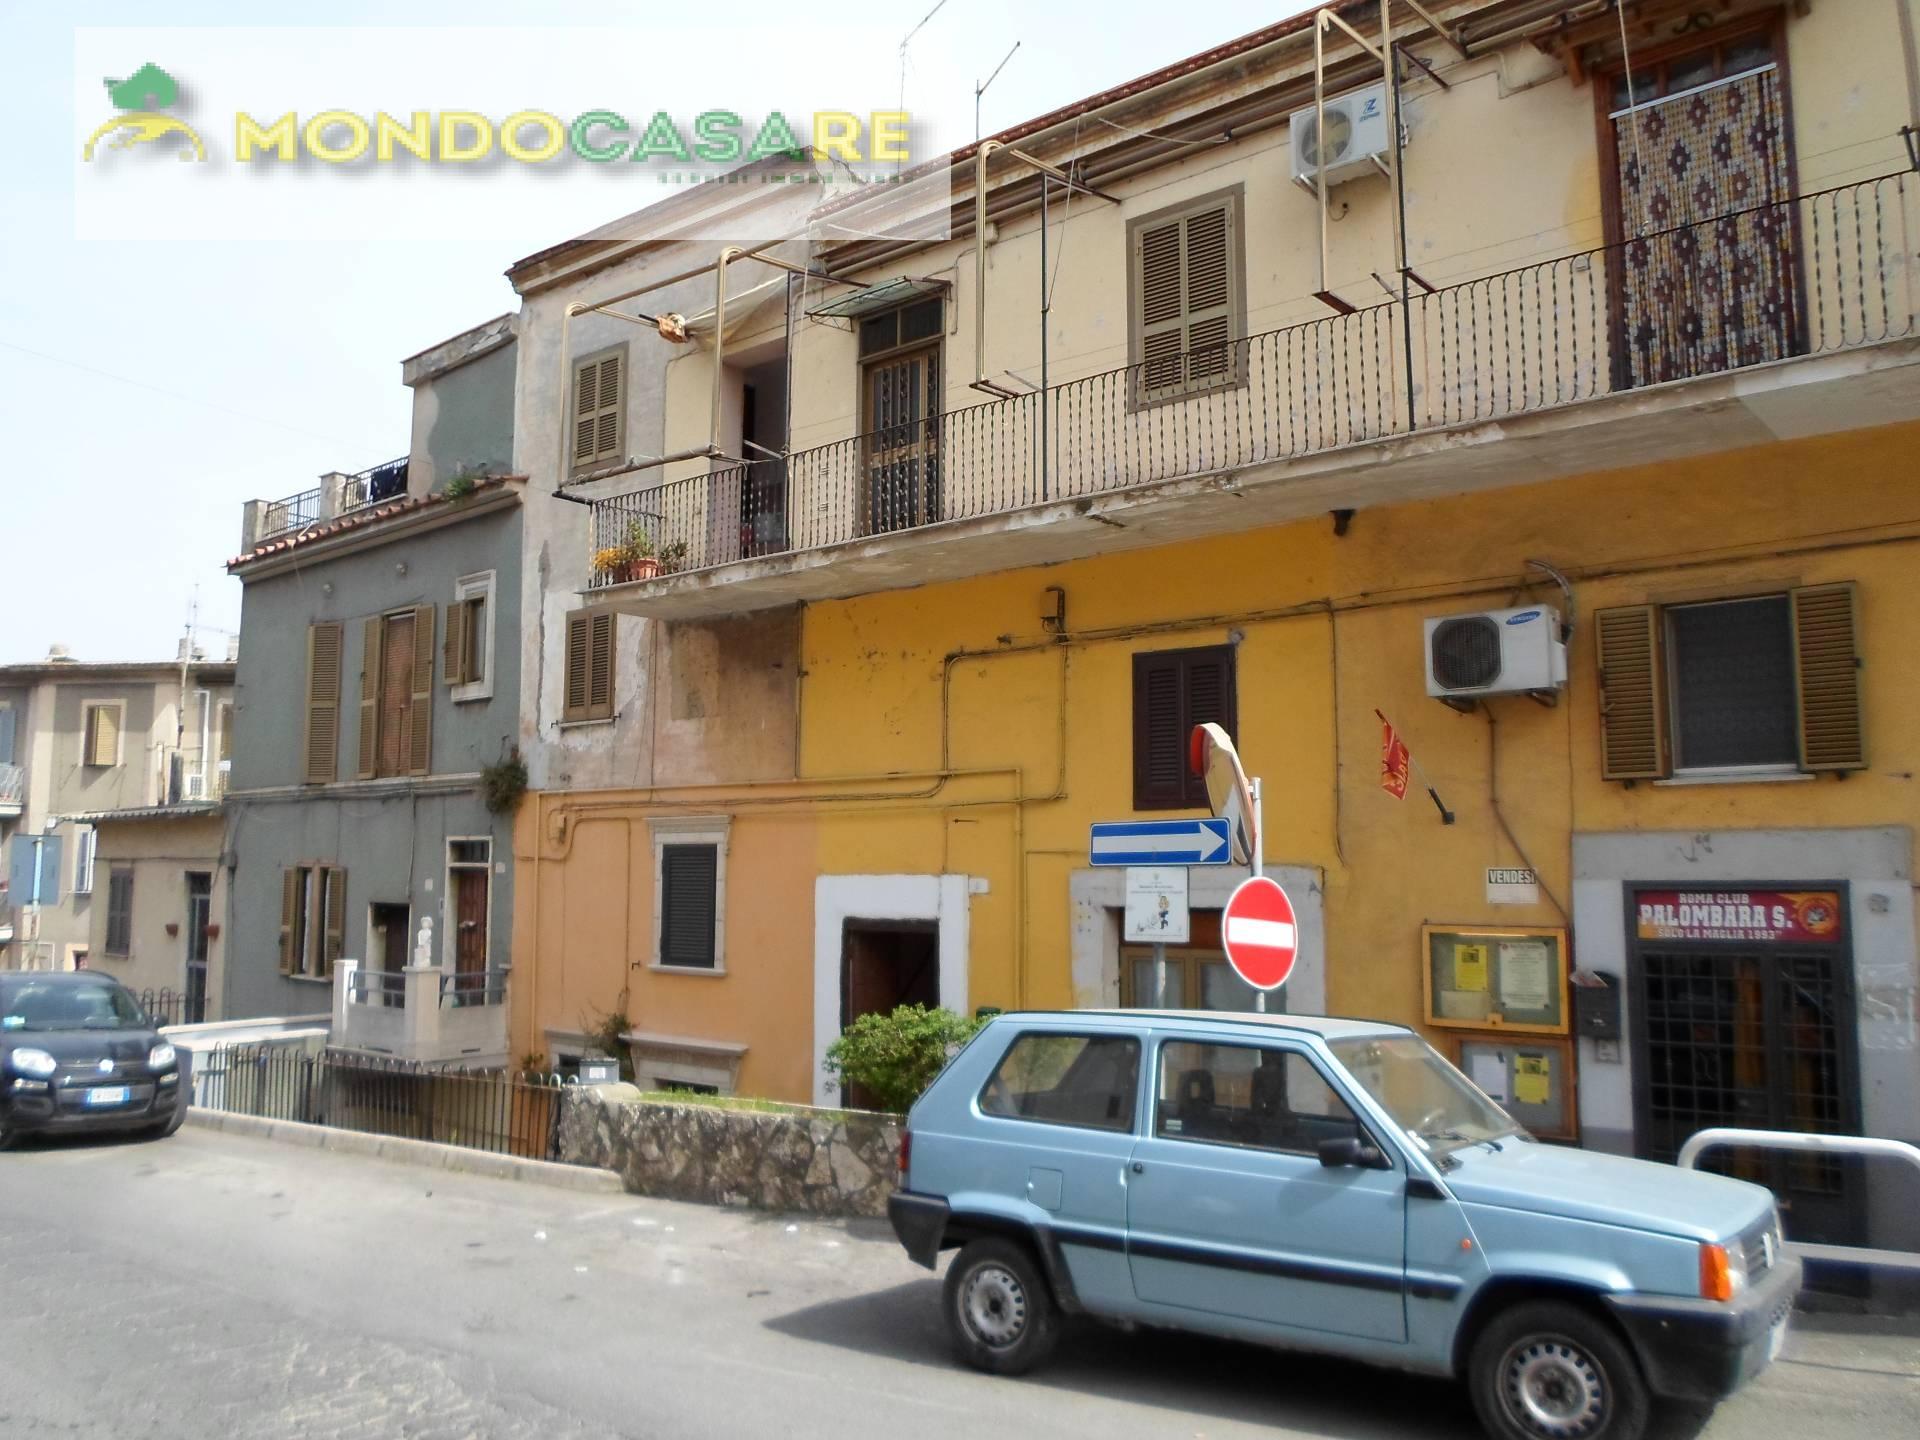 Appartamento in vendita a Palombara Sabina, 2 locali, zona Località: ZonaBPalombaraSabina, prezzo € 66.000 | Cambio Casa.it